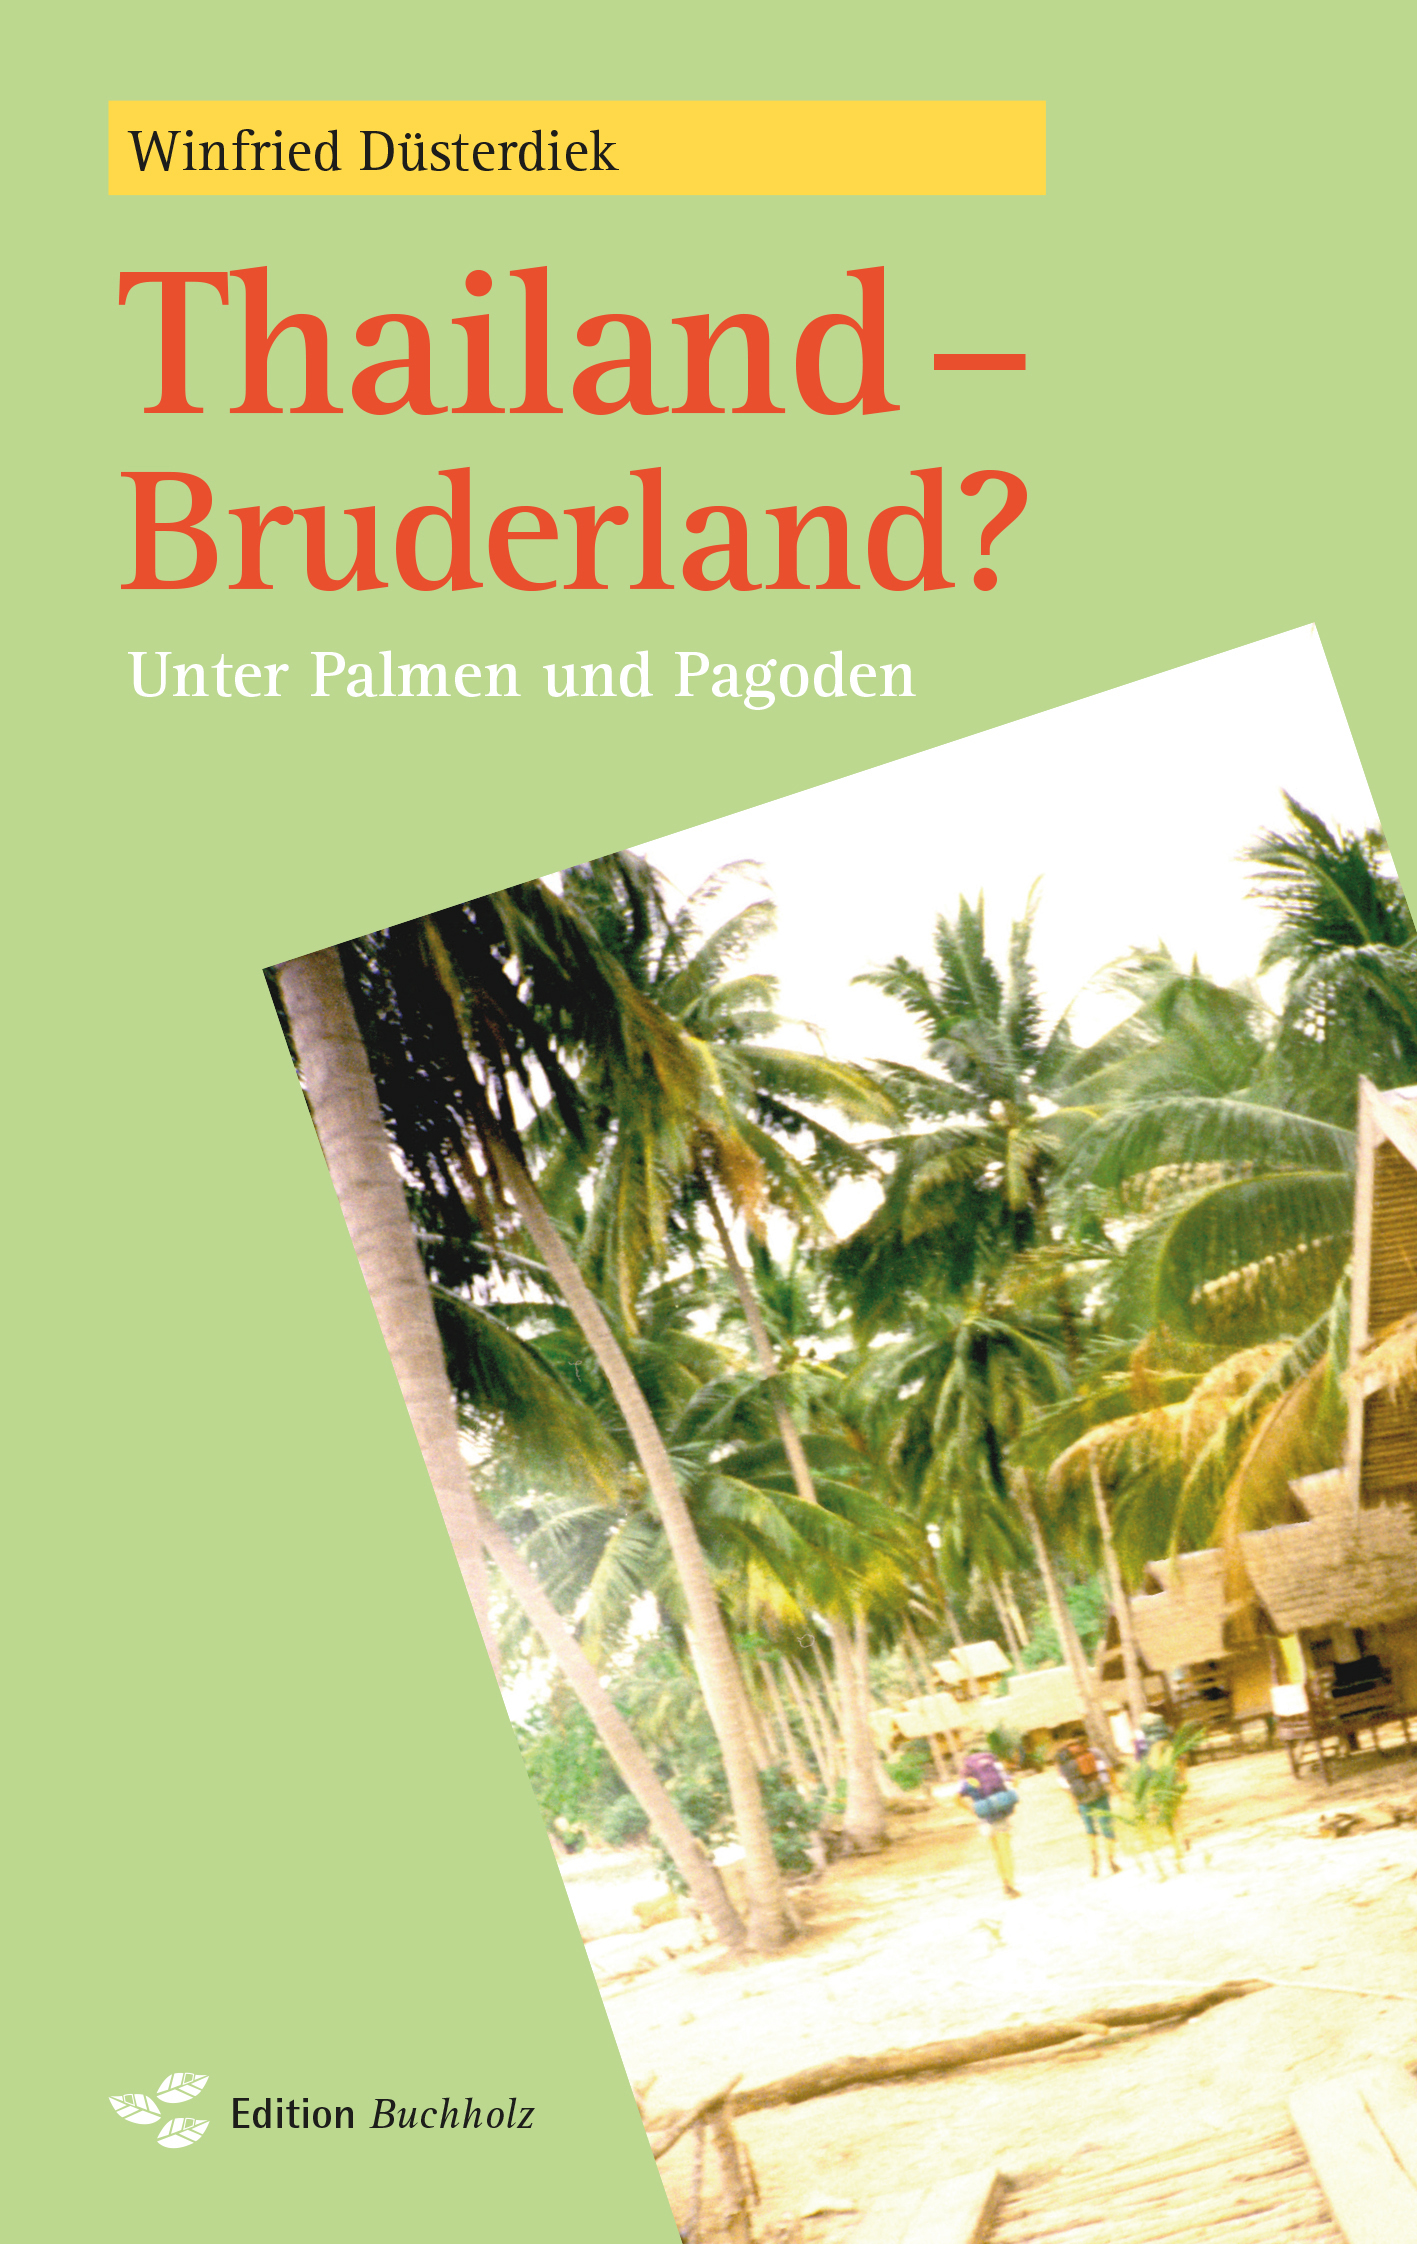 Thailand – Bruderland?: Unter Palmen und Pagoden